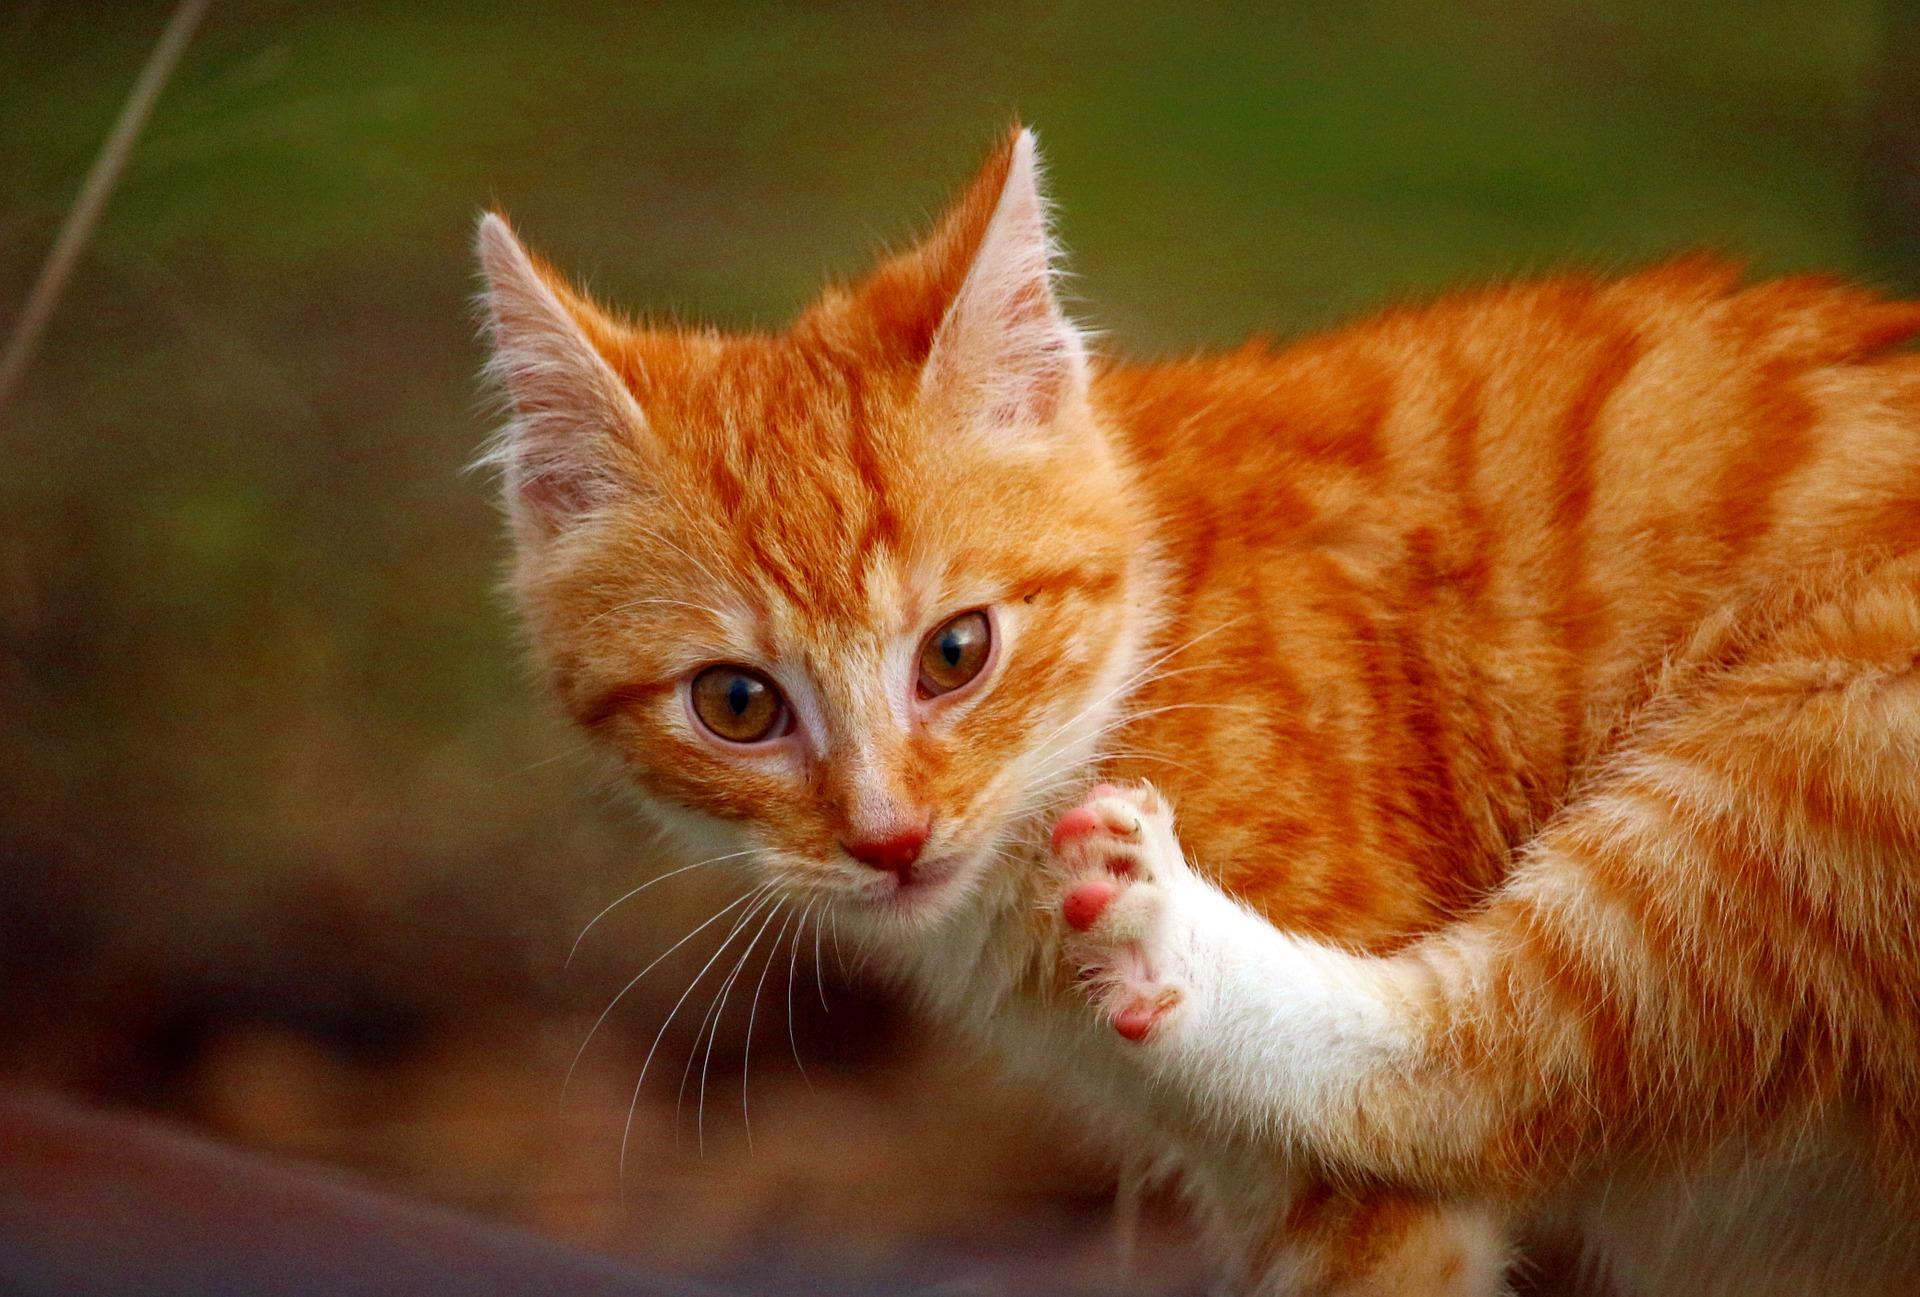 Wypuszczanie kota samopas jest narażaniem go na niebezpieczeństwo. Koty wychodzące żyją średnio kilka lat krócej i cierpią na poważniejsze choroby - w tym na złamania objawiające się, że kot kuleje.